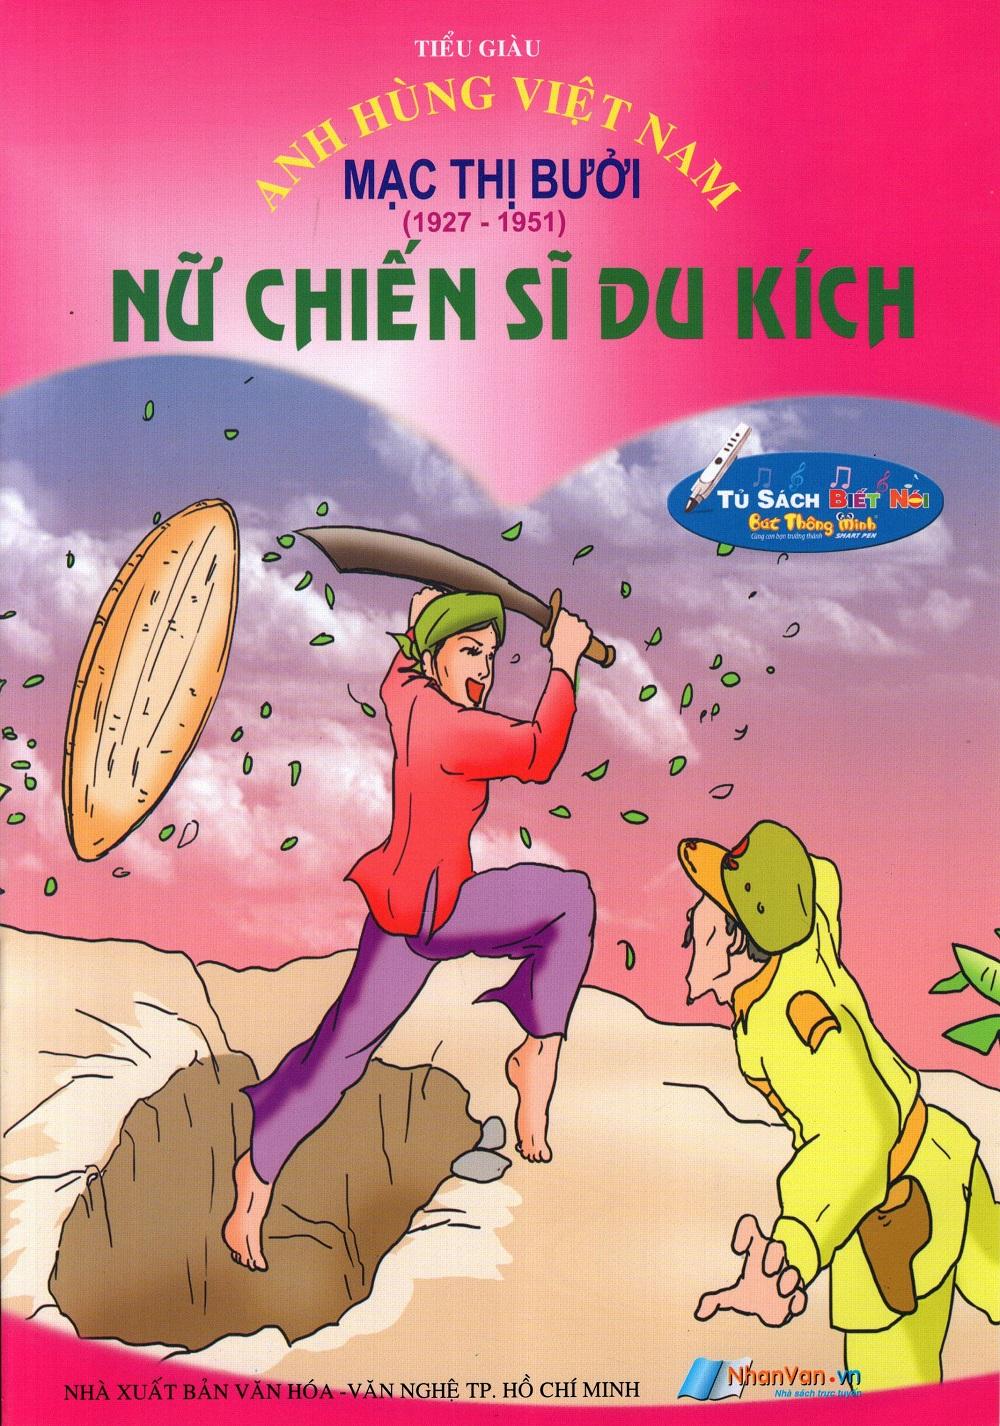 Bìa sách Anh Hùng Việt Nam: Mạc Thị Bưởi - Nữ Chiến Sĩ Du Kích